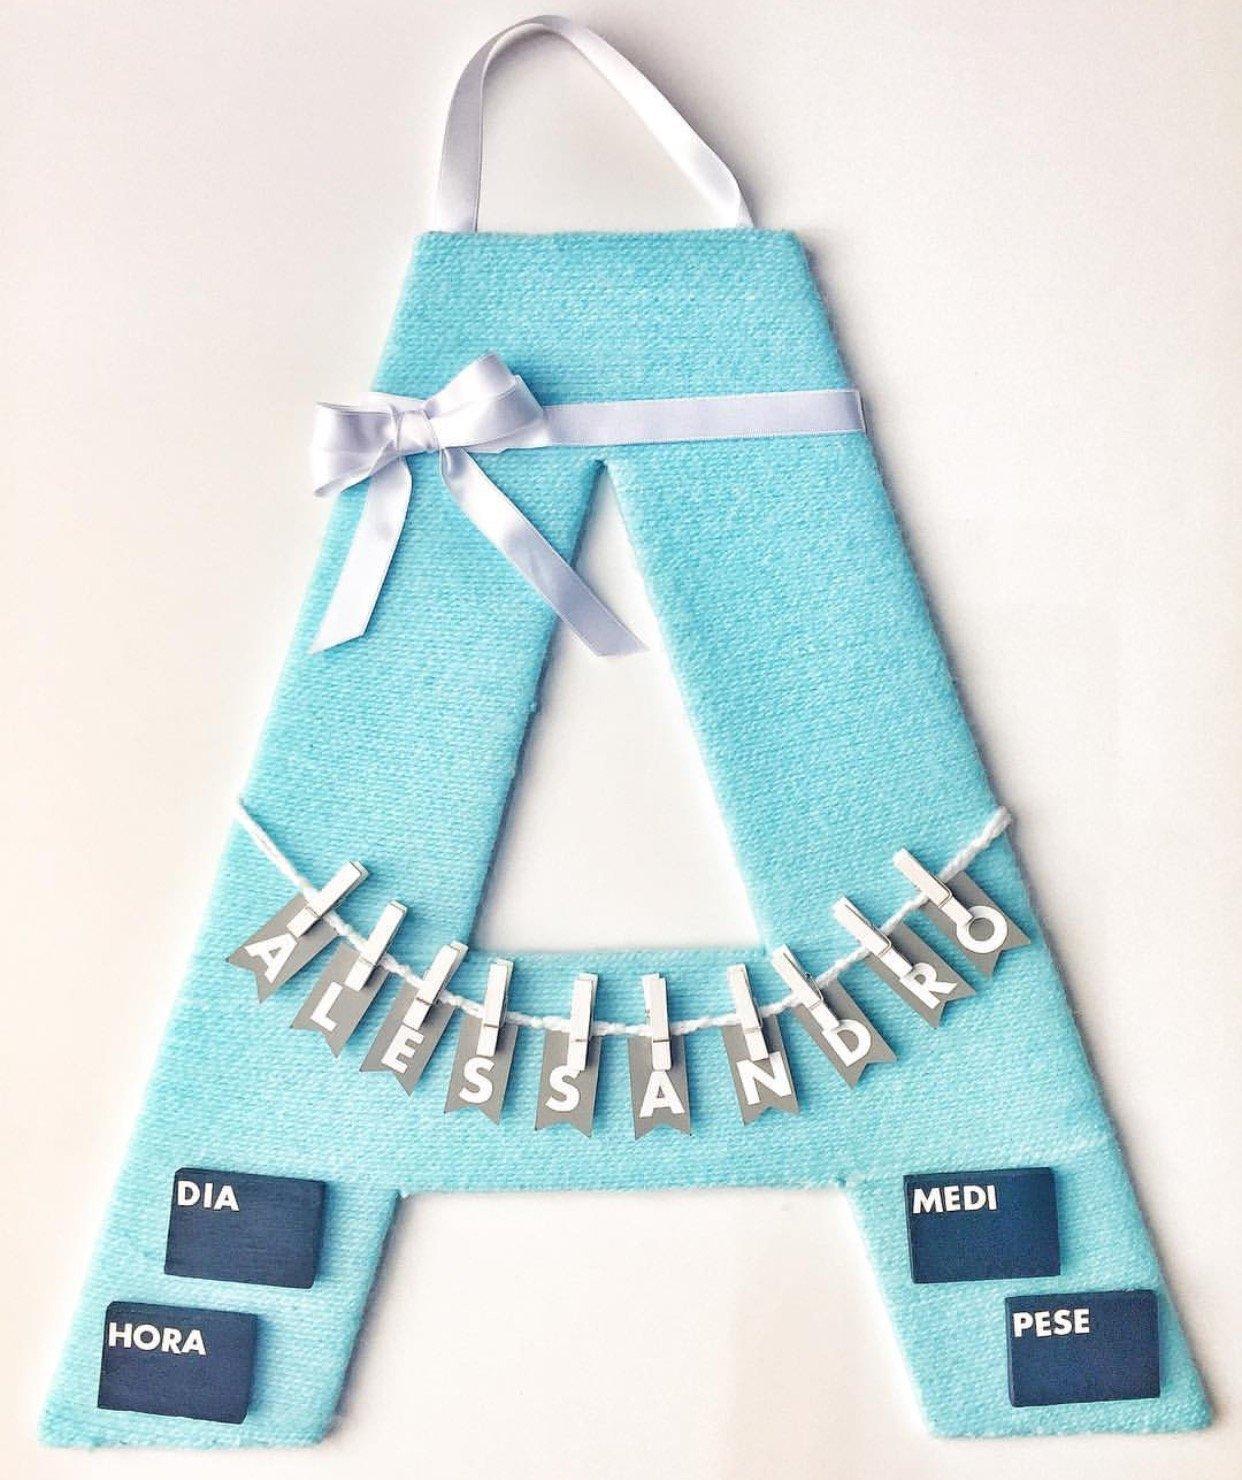 Hospital Door Hanger / cartel de bienvenida para bebé ideal para luego decorar la habitación del bebé